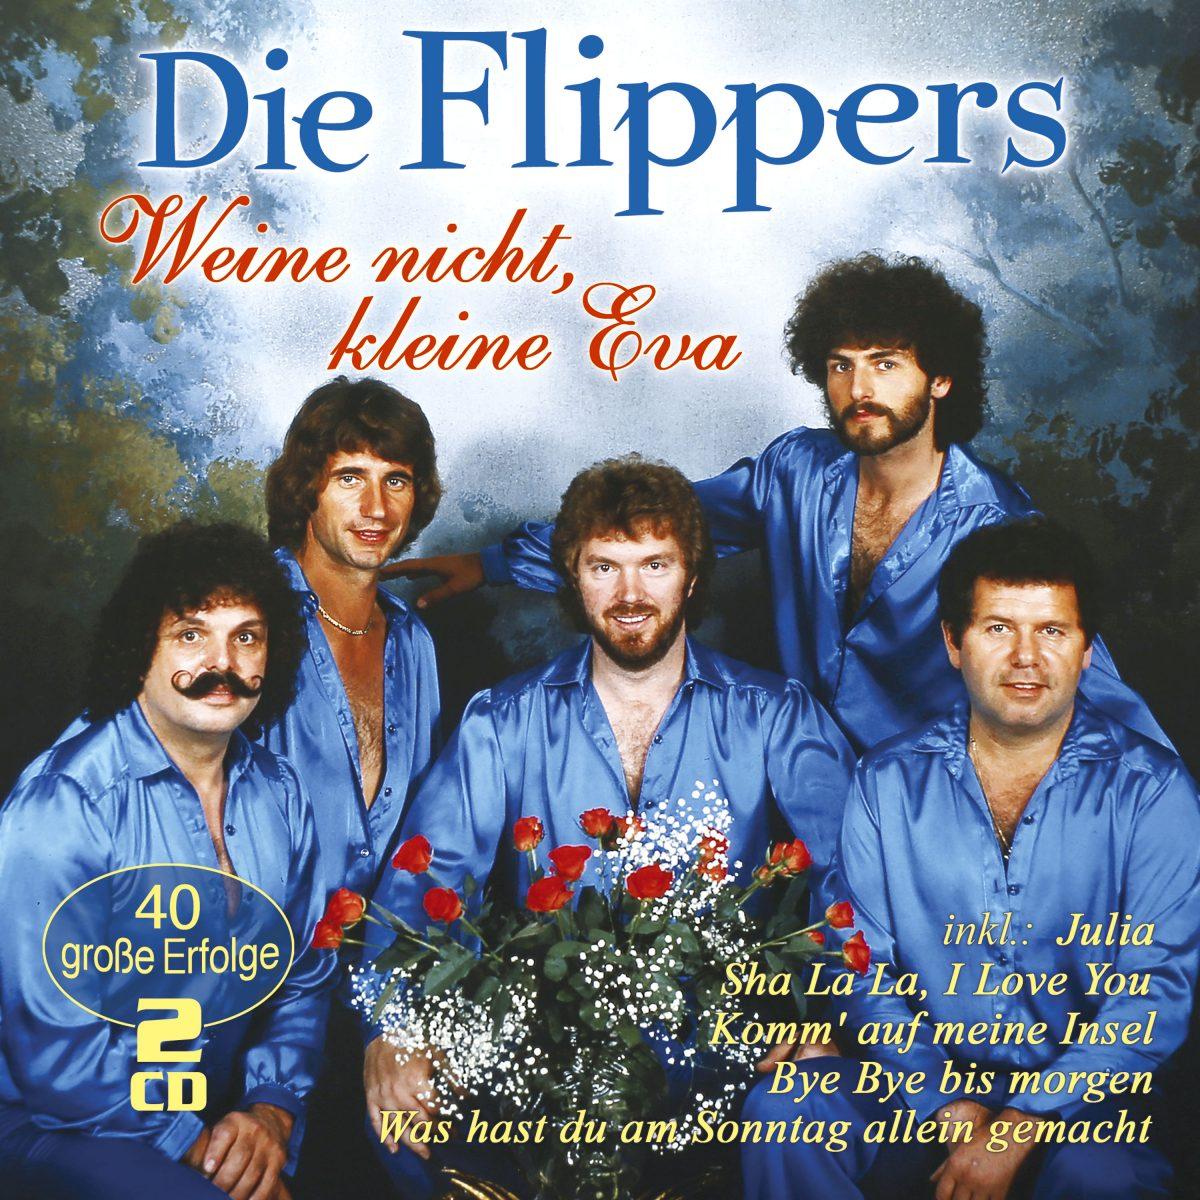 Www Die Flippers De